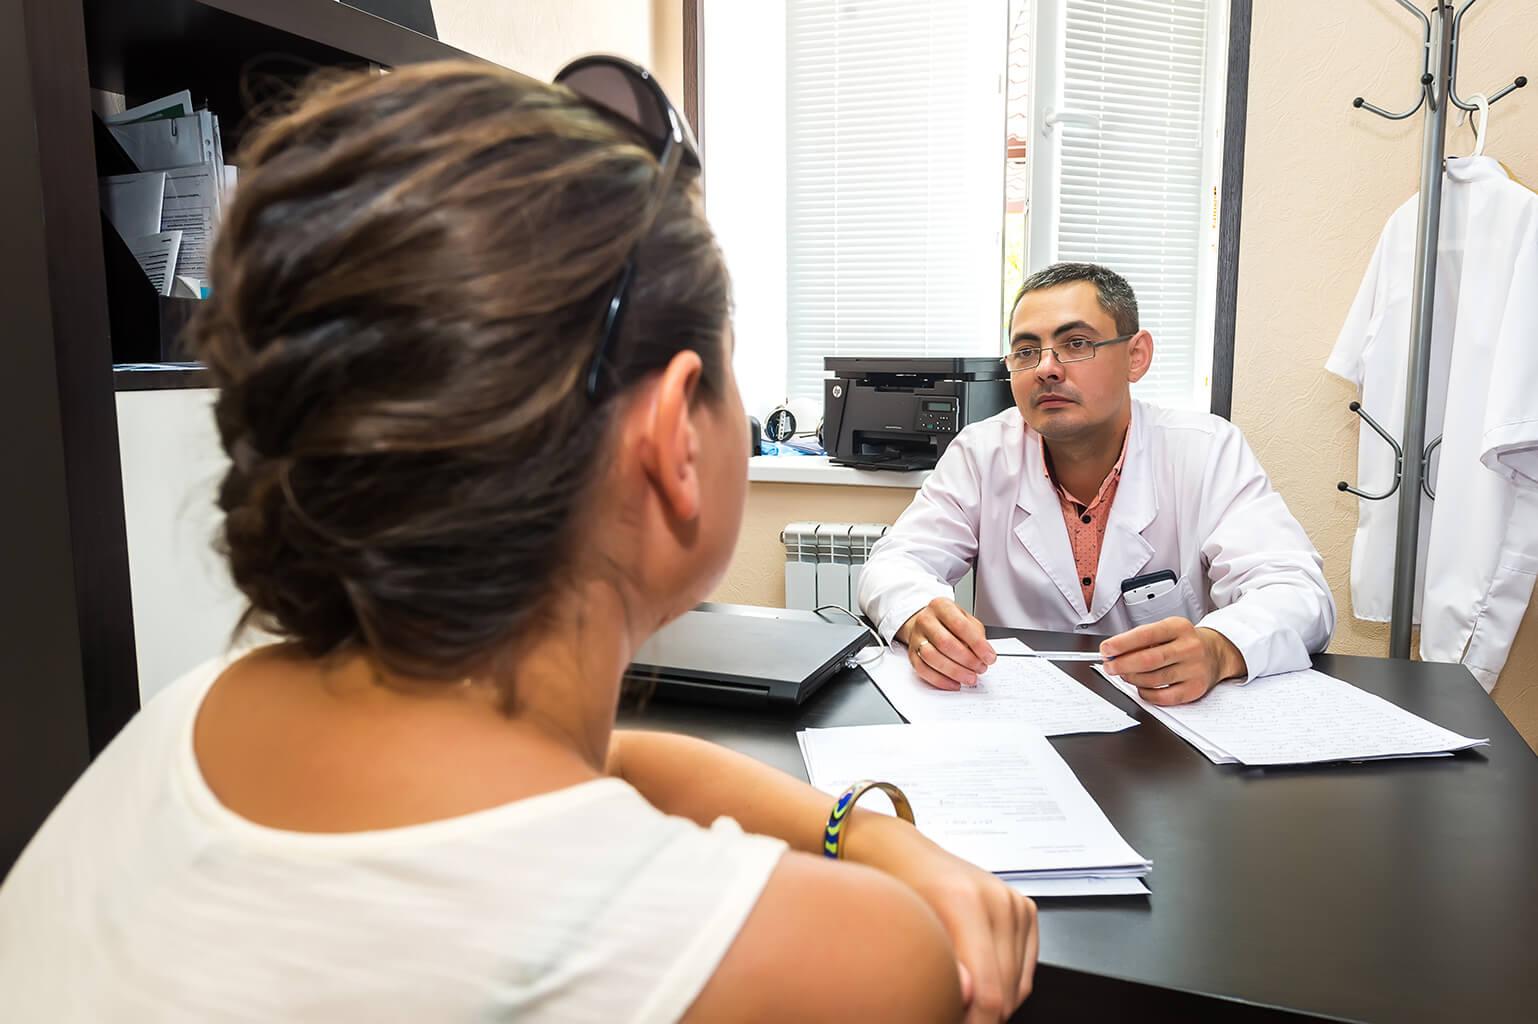 консультация психиатра в Краснодаре